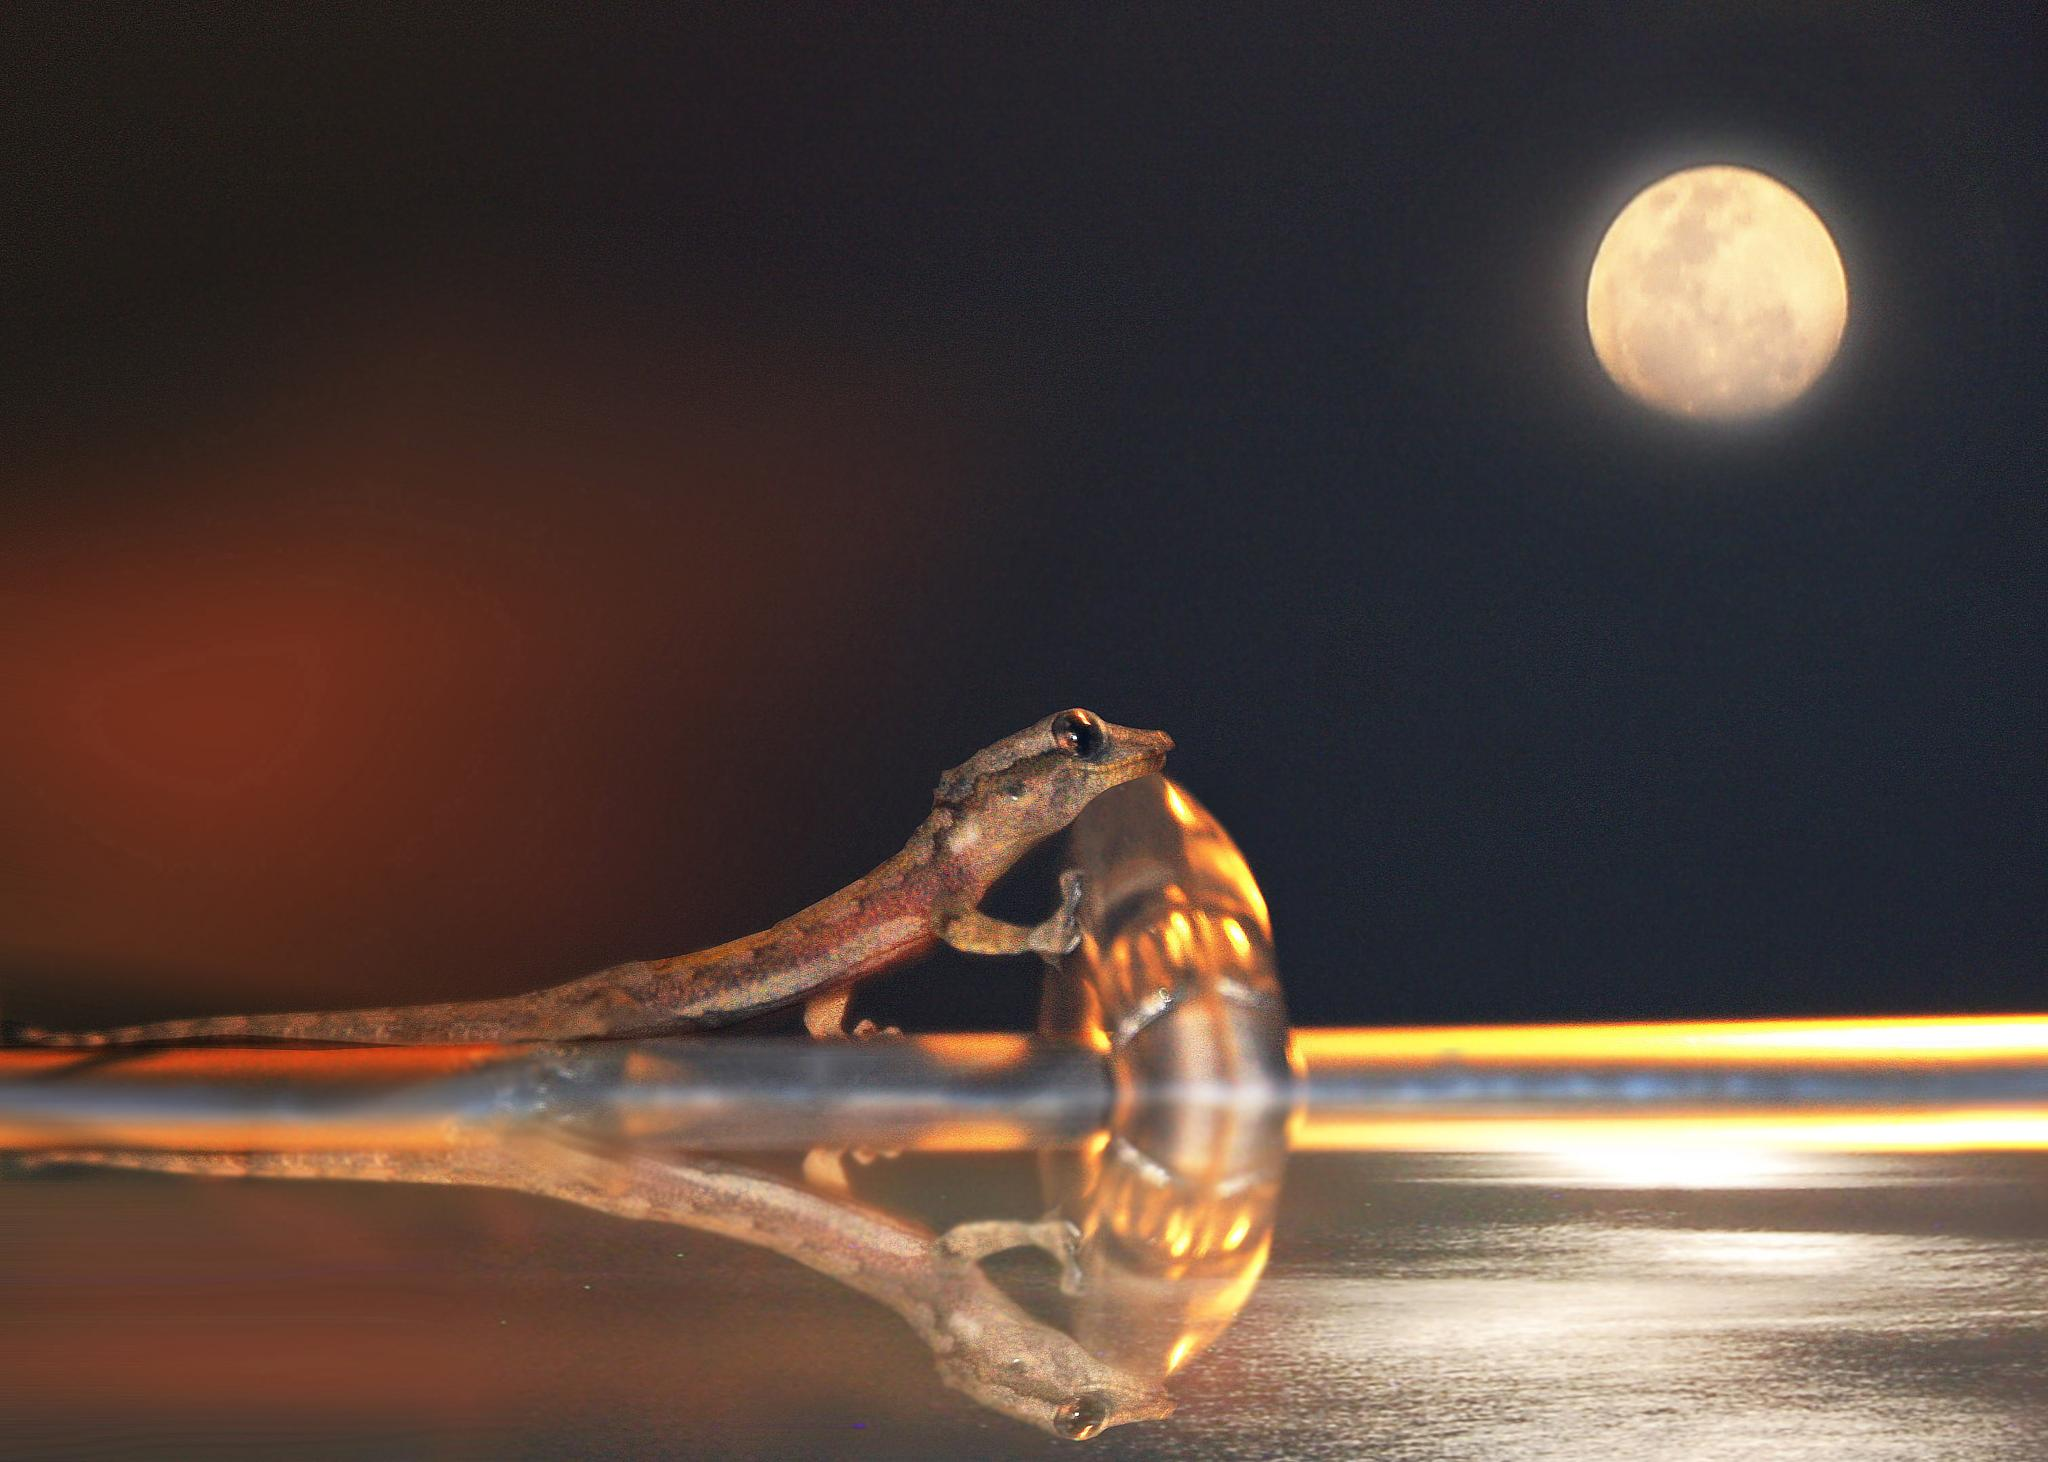 al chiaro di luna (under the fullmoon) by Giuseppe Castro